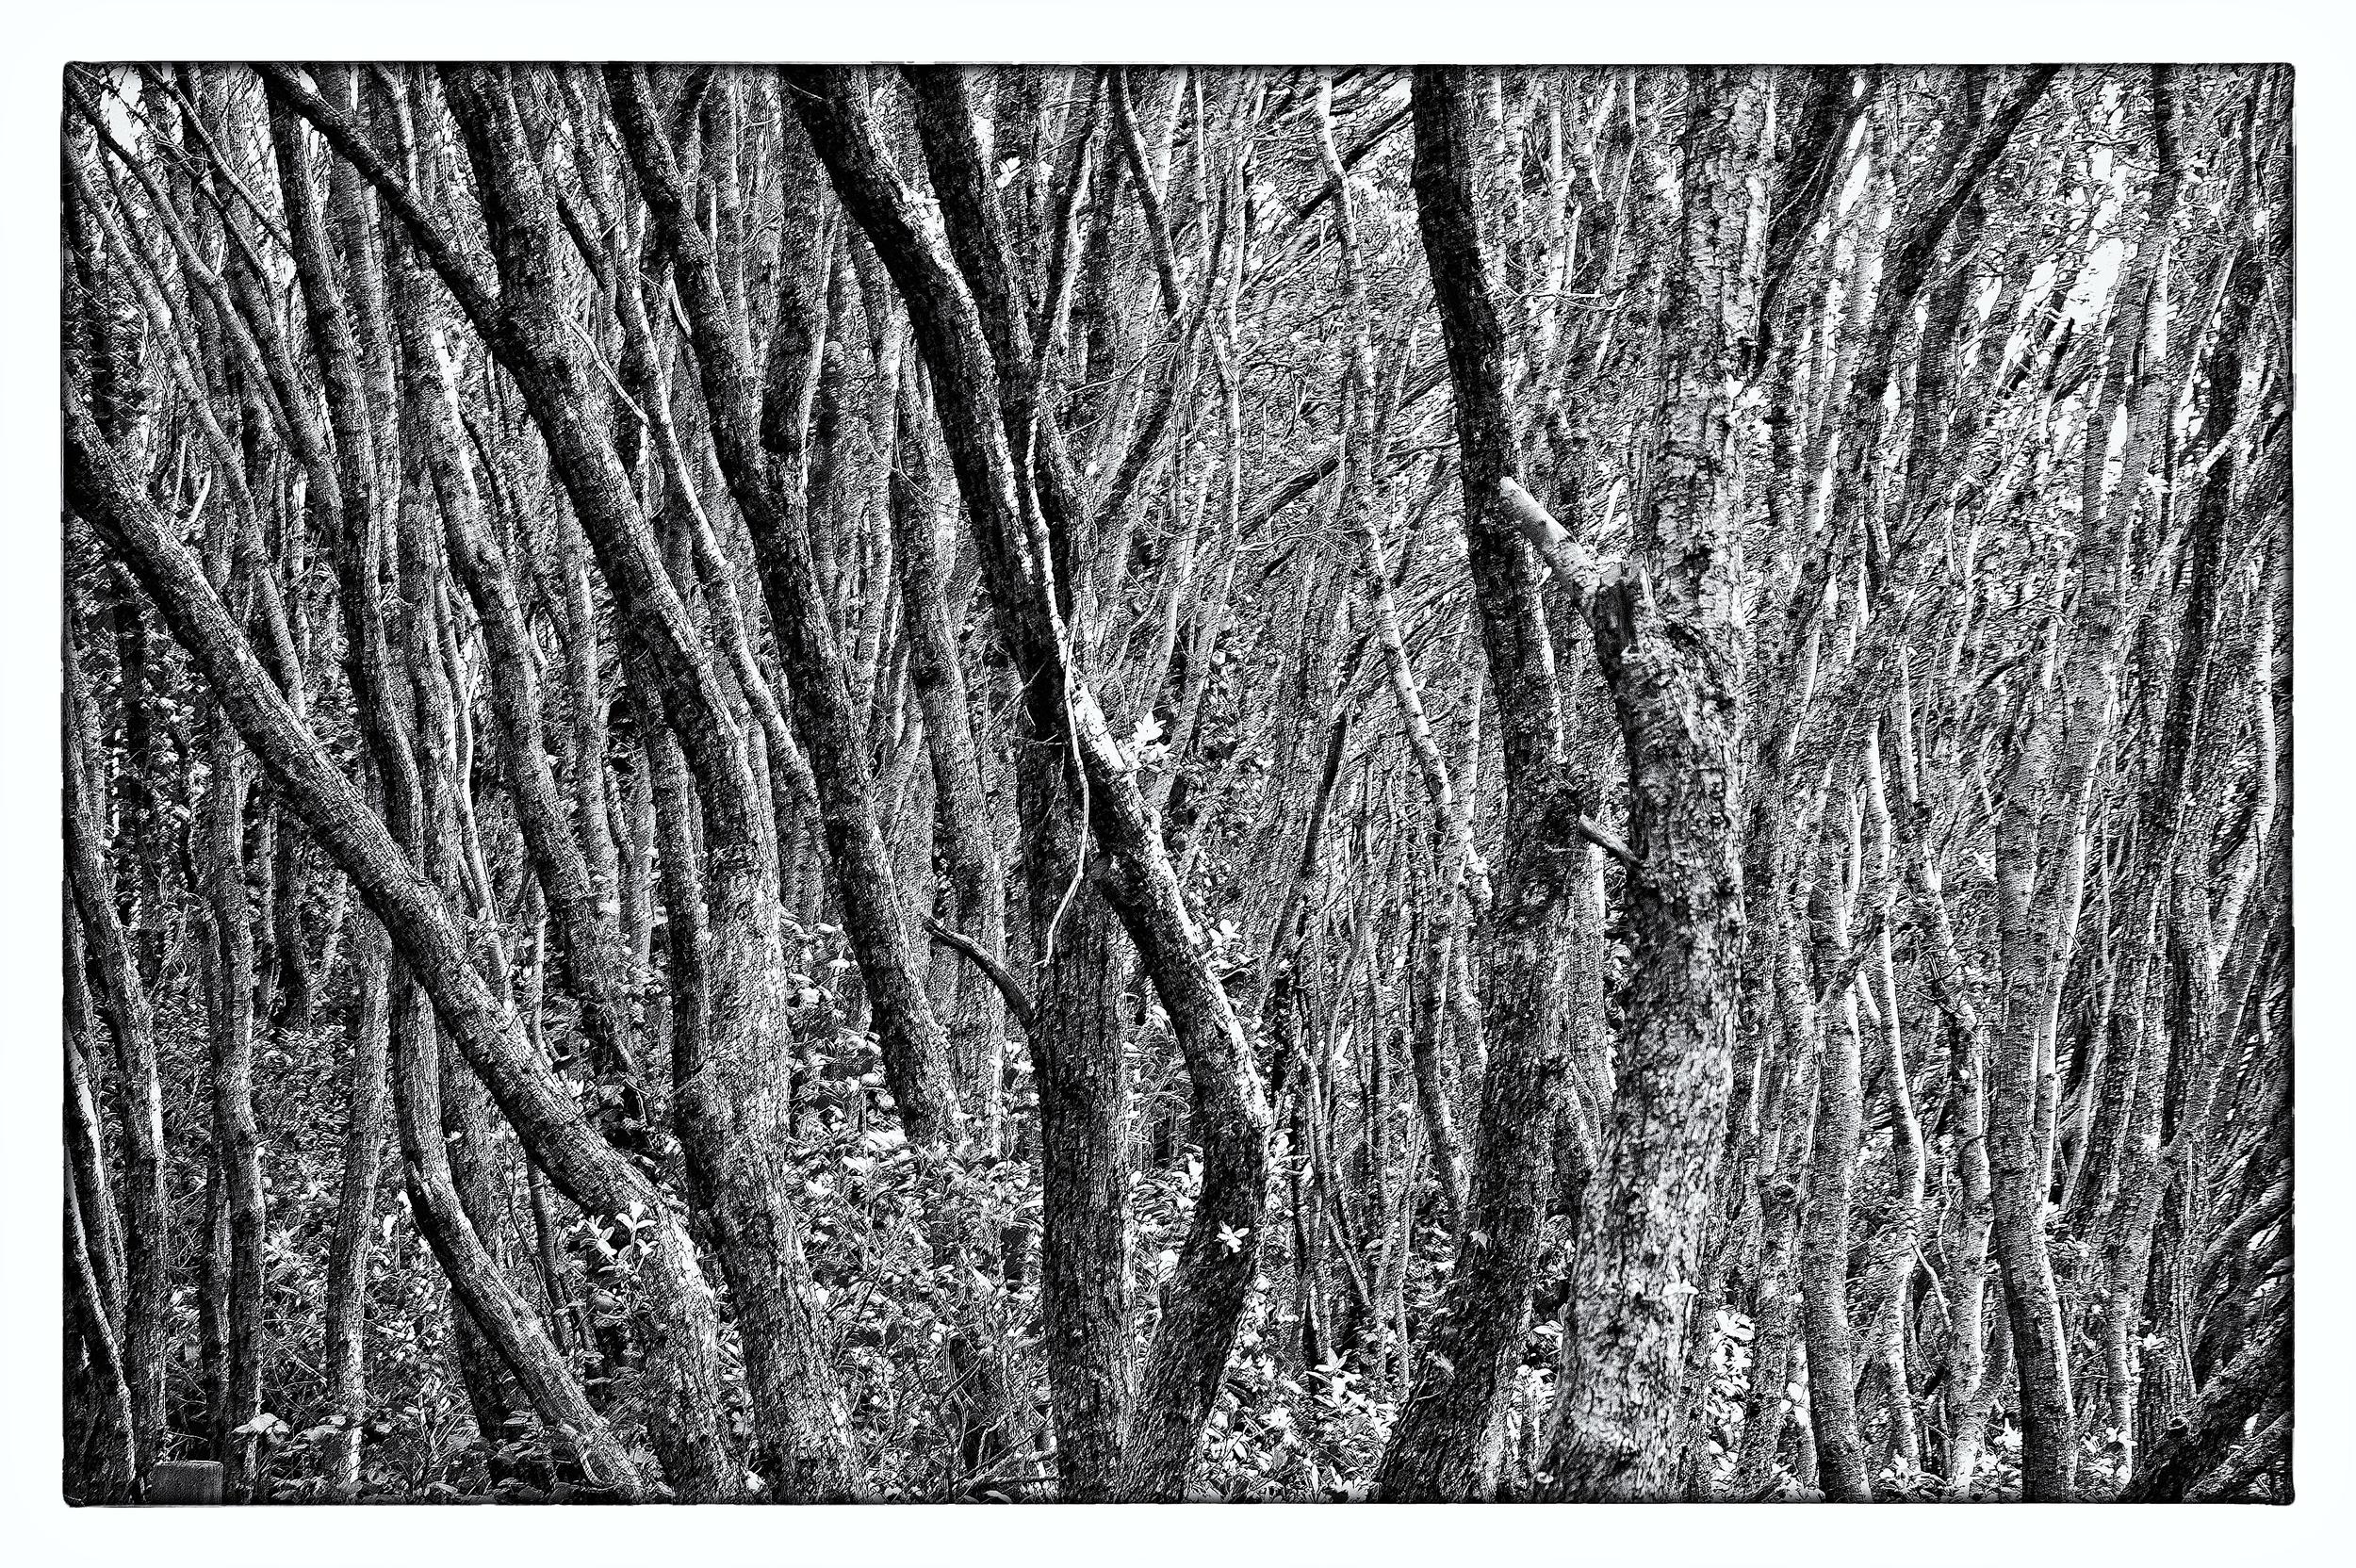 e-FOTOMDC TREES 4265.JPG